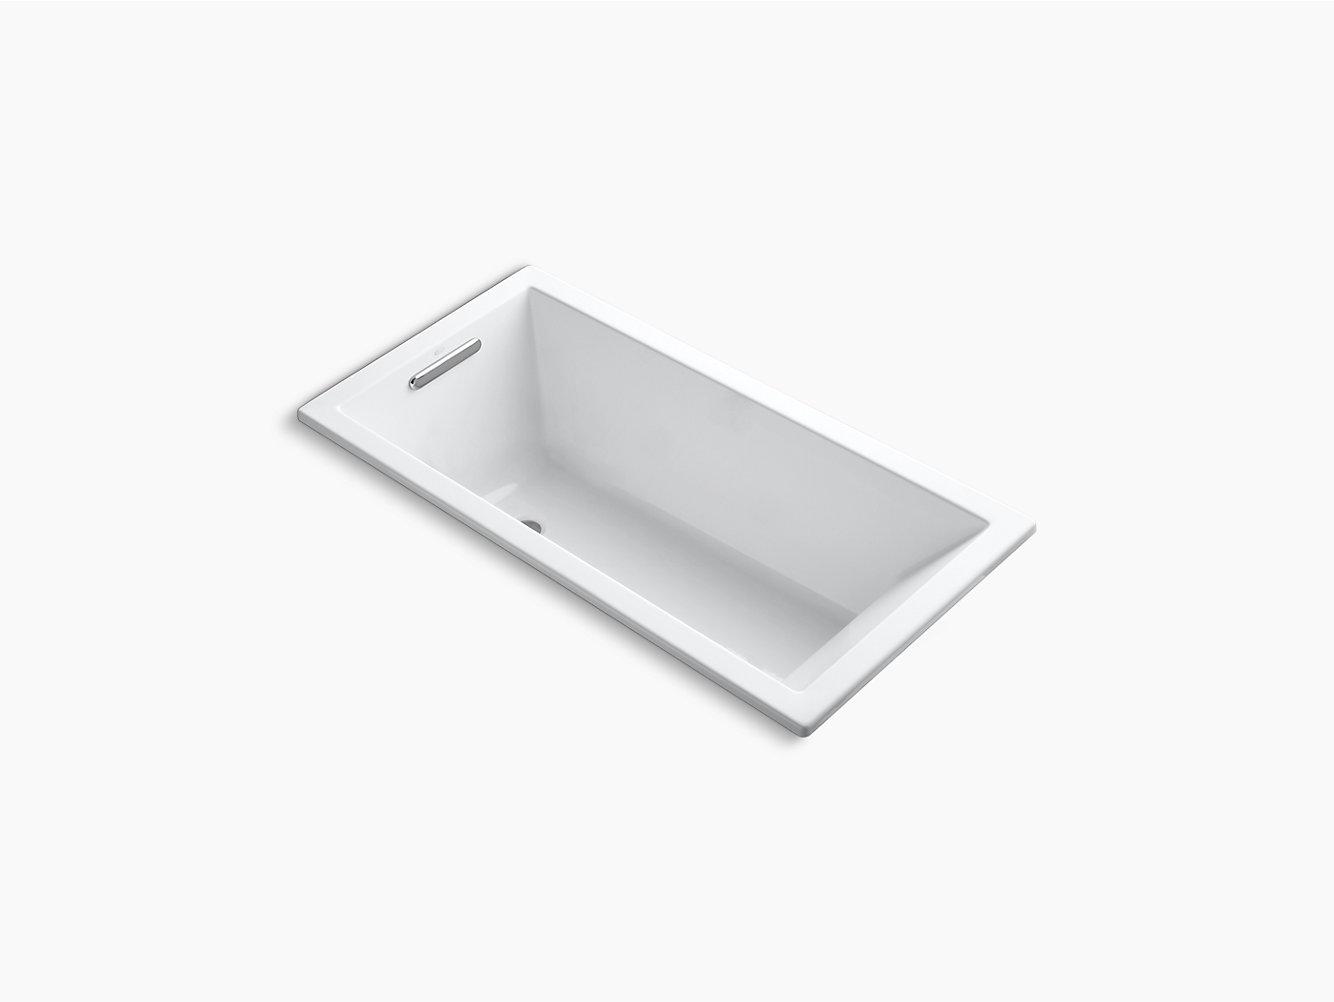 KOHLER | 1167-VB | Tina Underscore VibrAcoustic de 152.4 cm X 76.2 cm